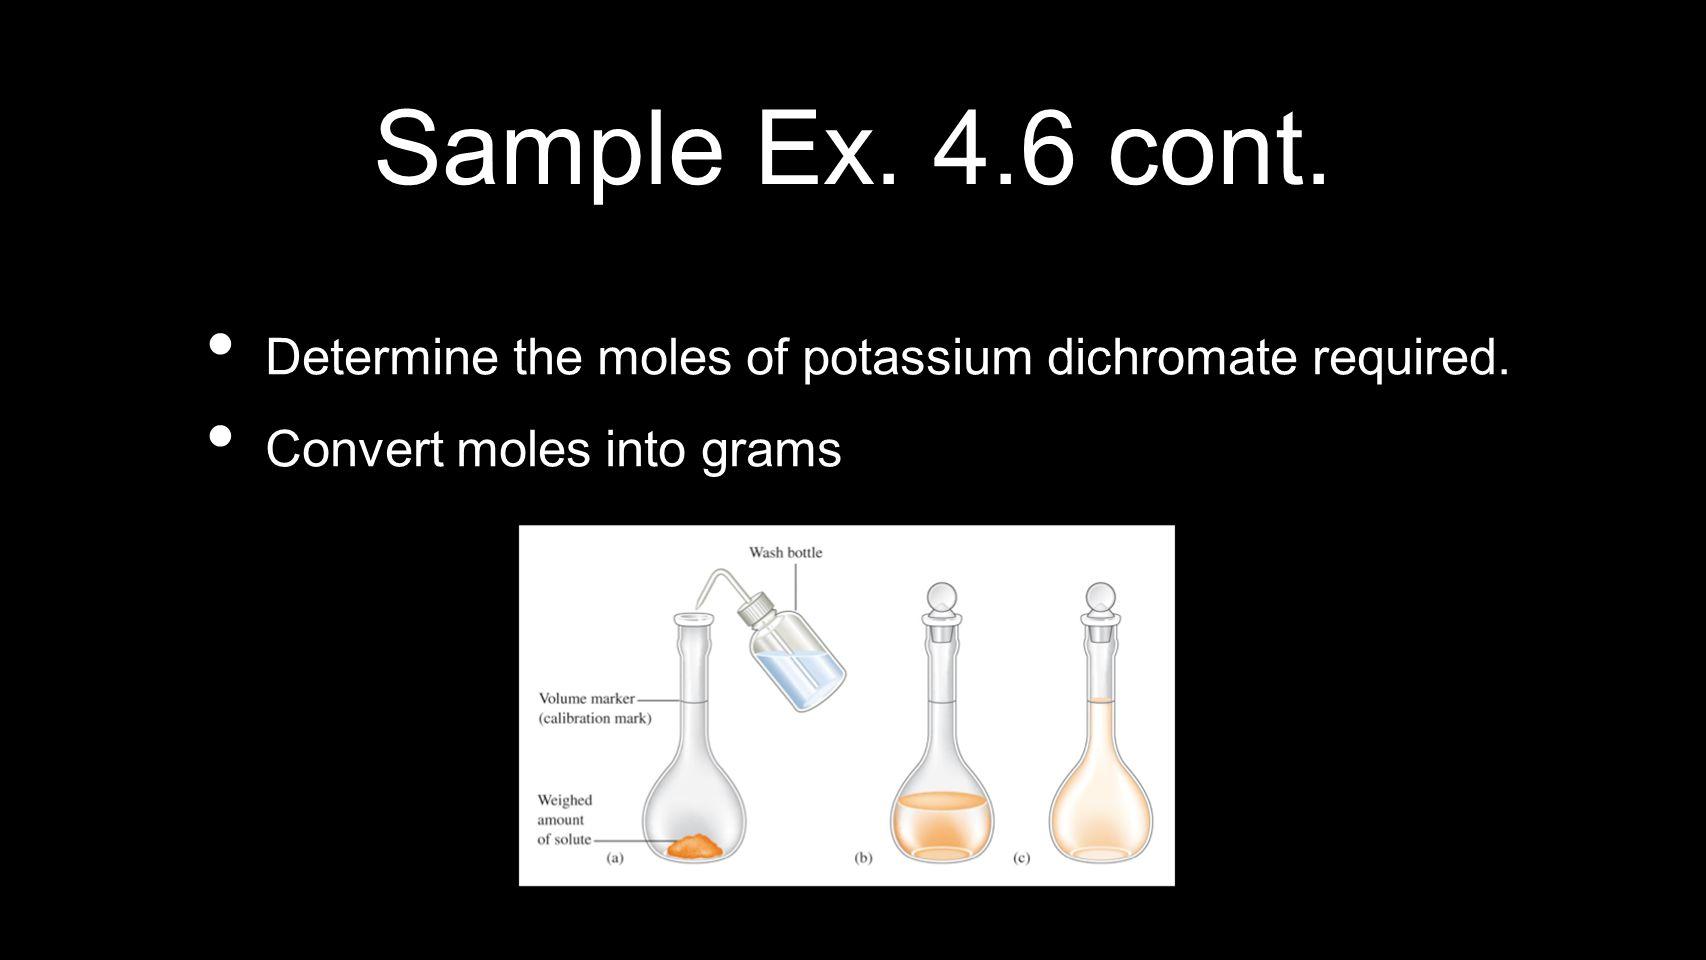 Sample Ex. 4.6 cont. Determine the moles of potassium dichromate required. Convert moles into grams